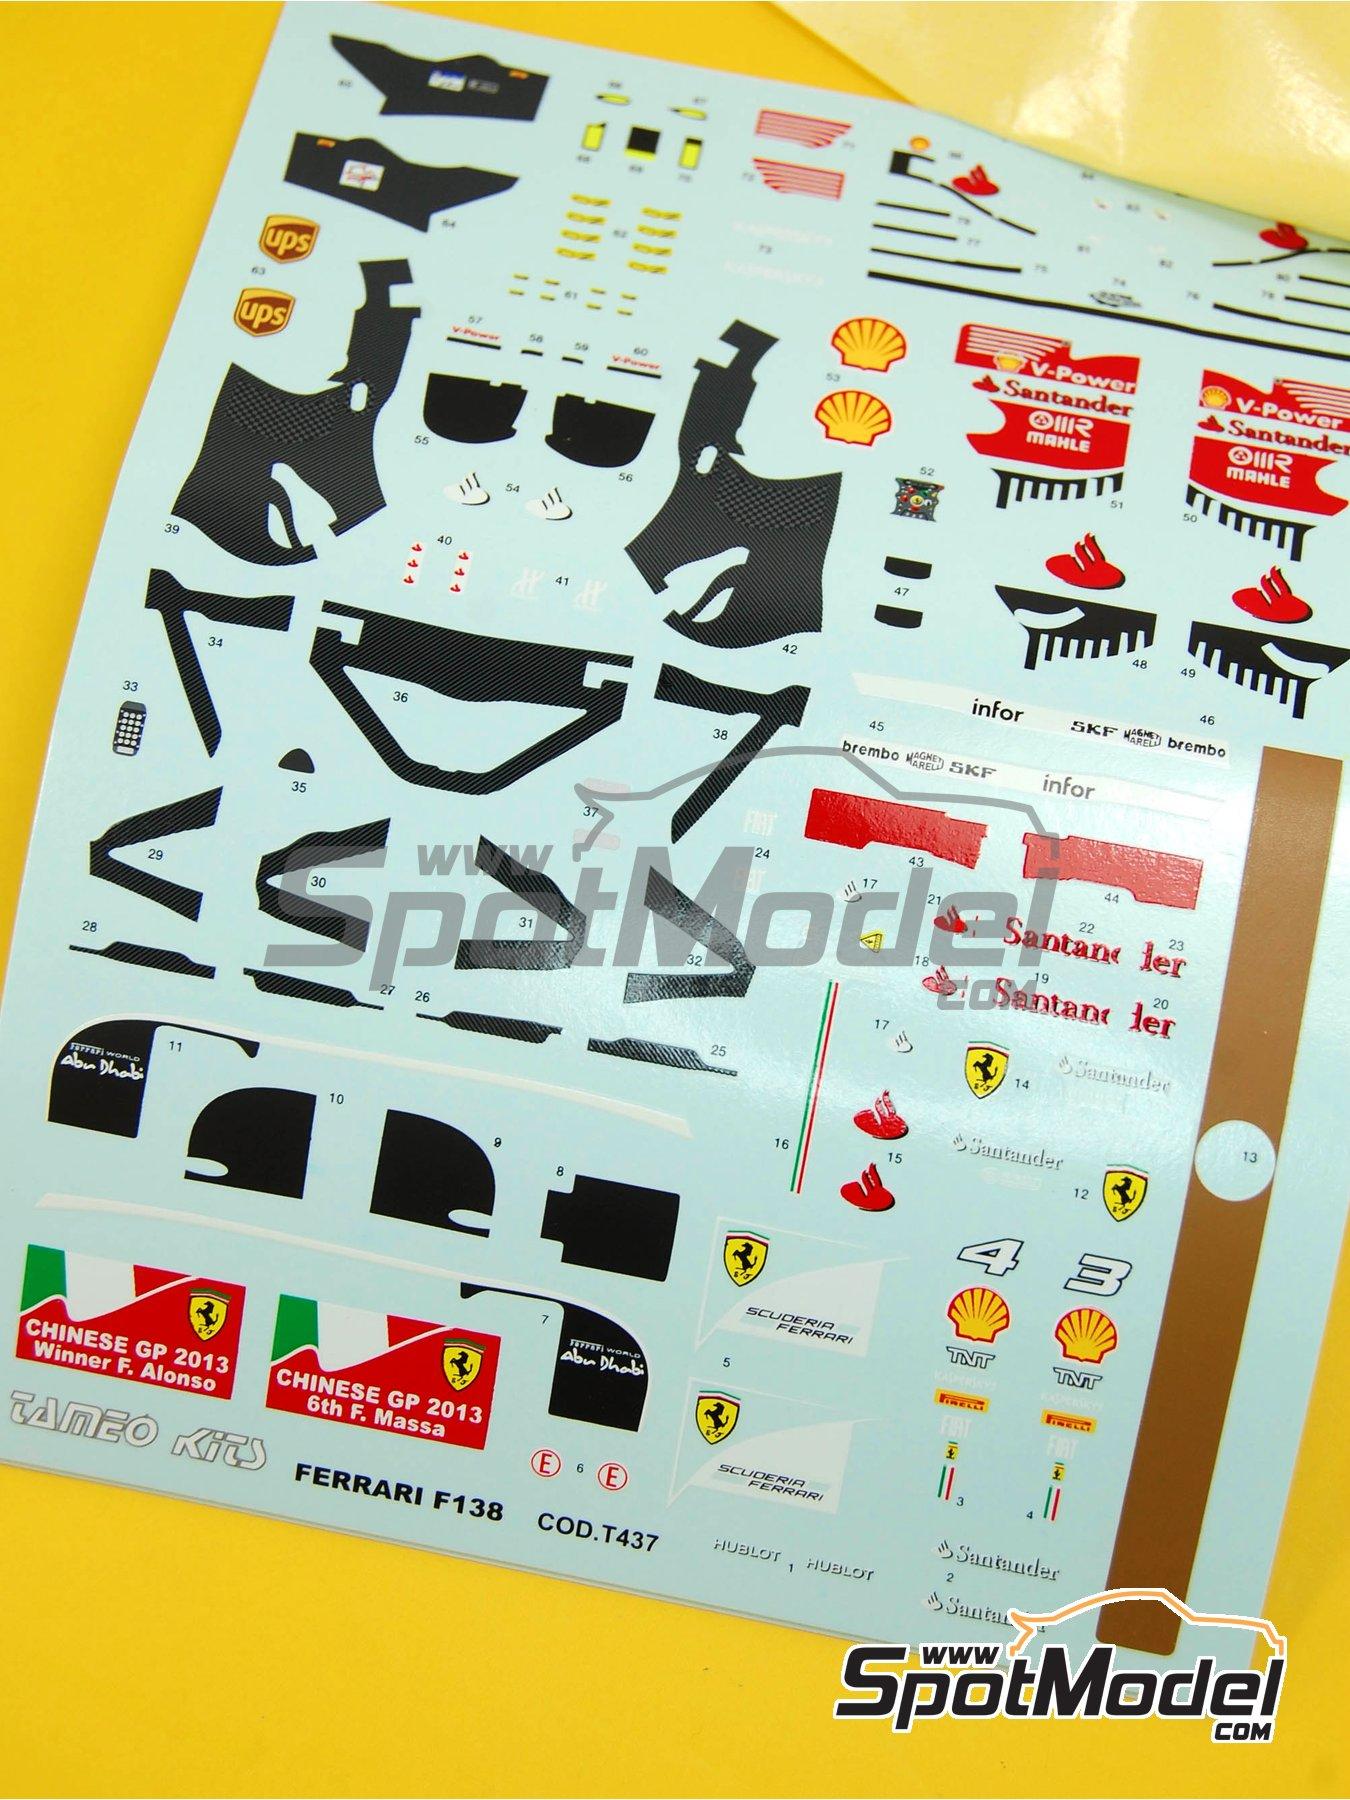 Ferrari F138 F2013 Banco Santander - Gran Premio de Fórmula 1 de China 2013 | Decoración en escala1/43 fabricado por Tameo Kits (ref.DK413) image